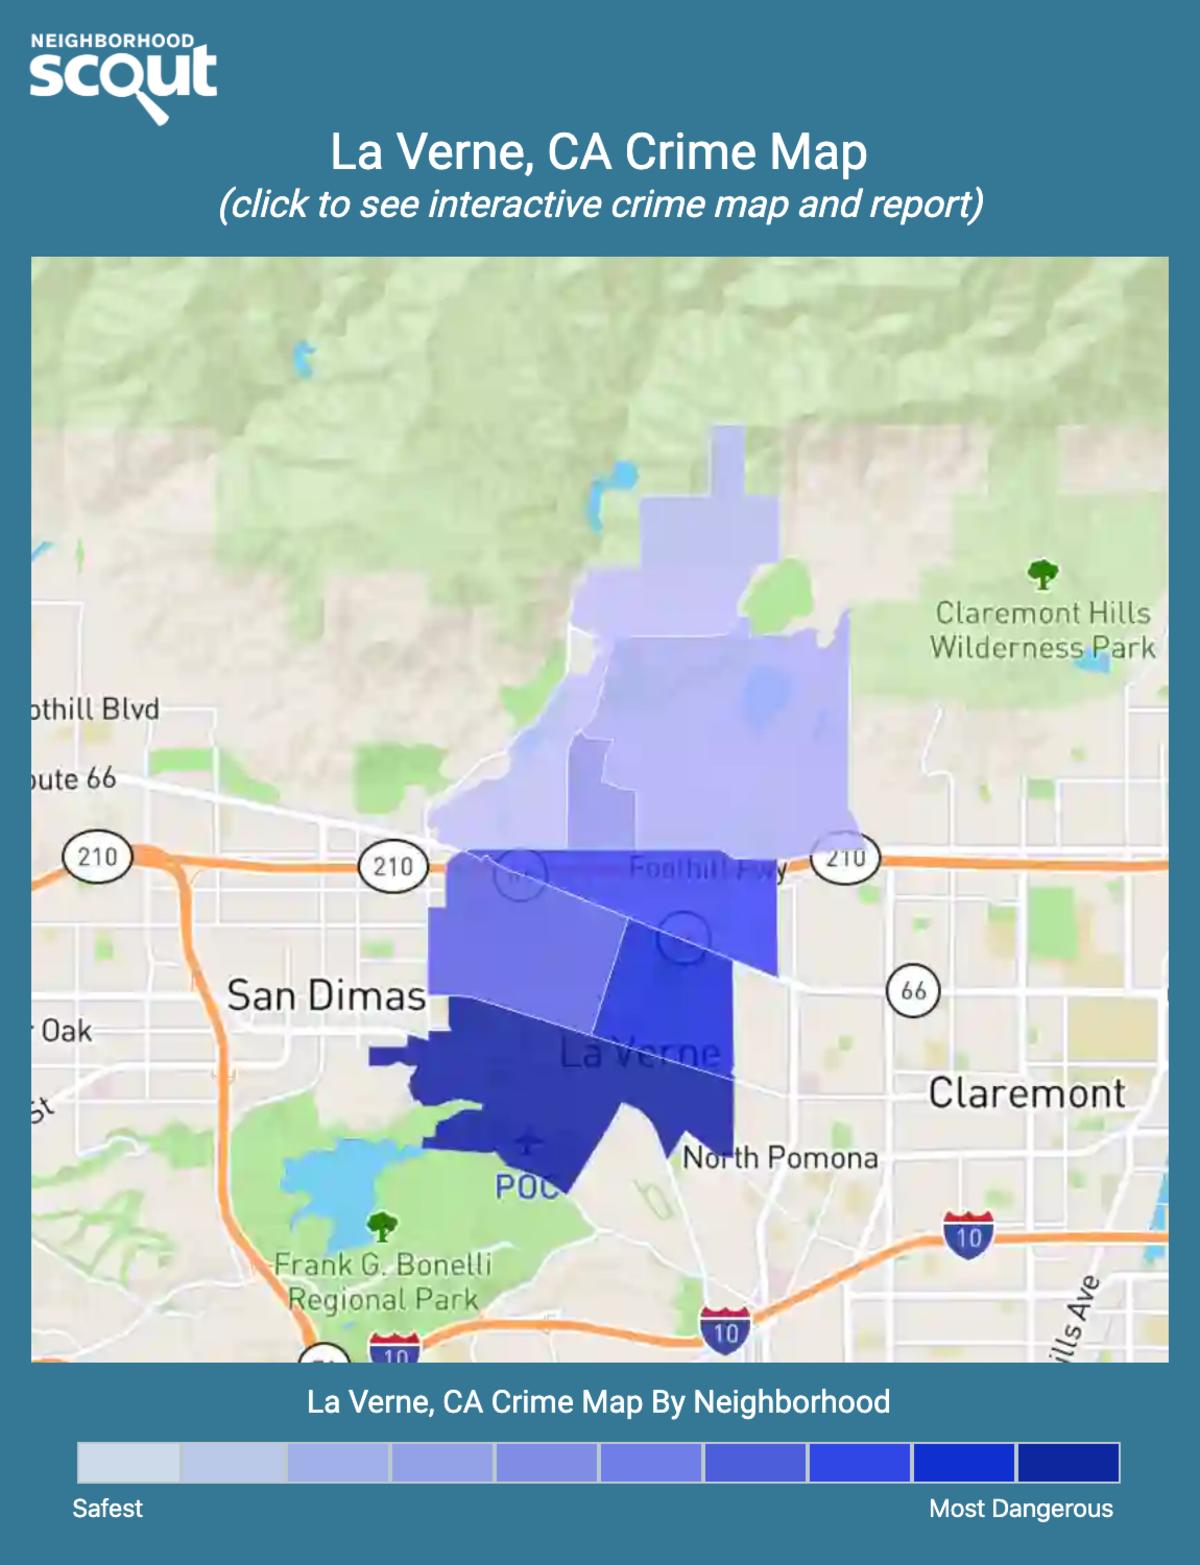 La Verne, California crime map